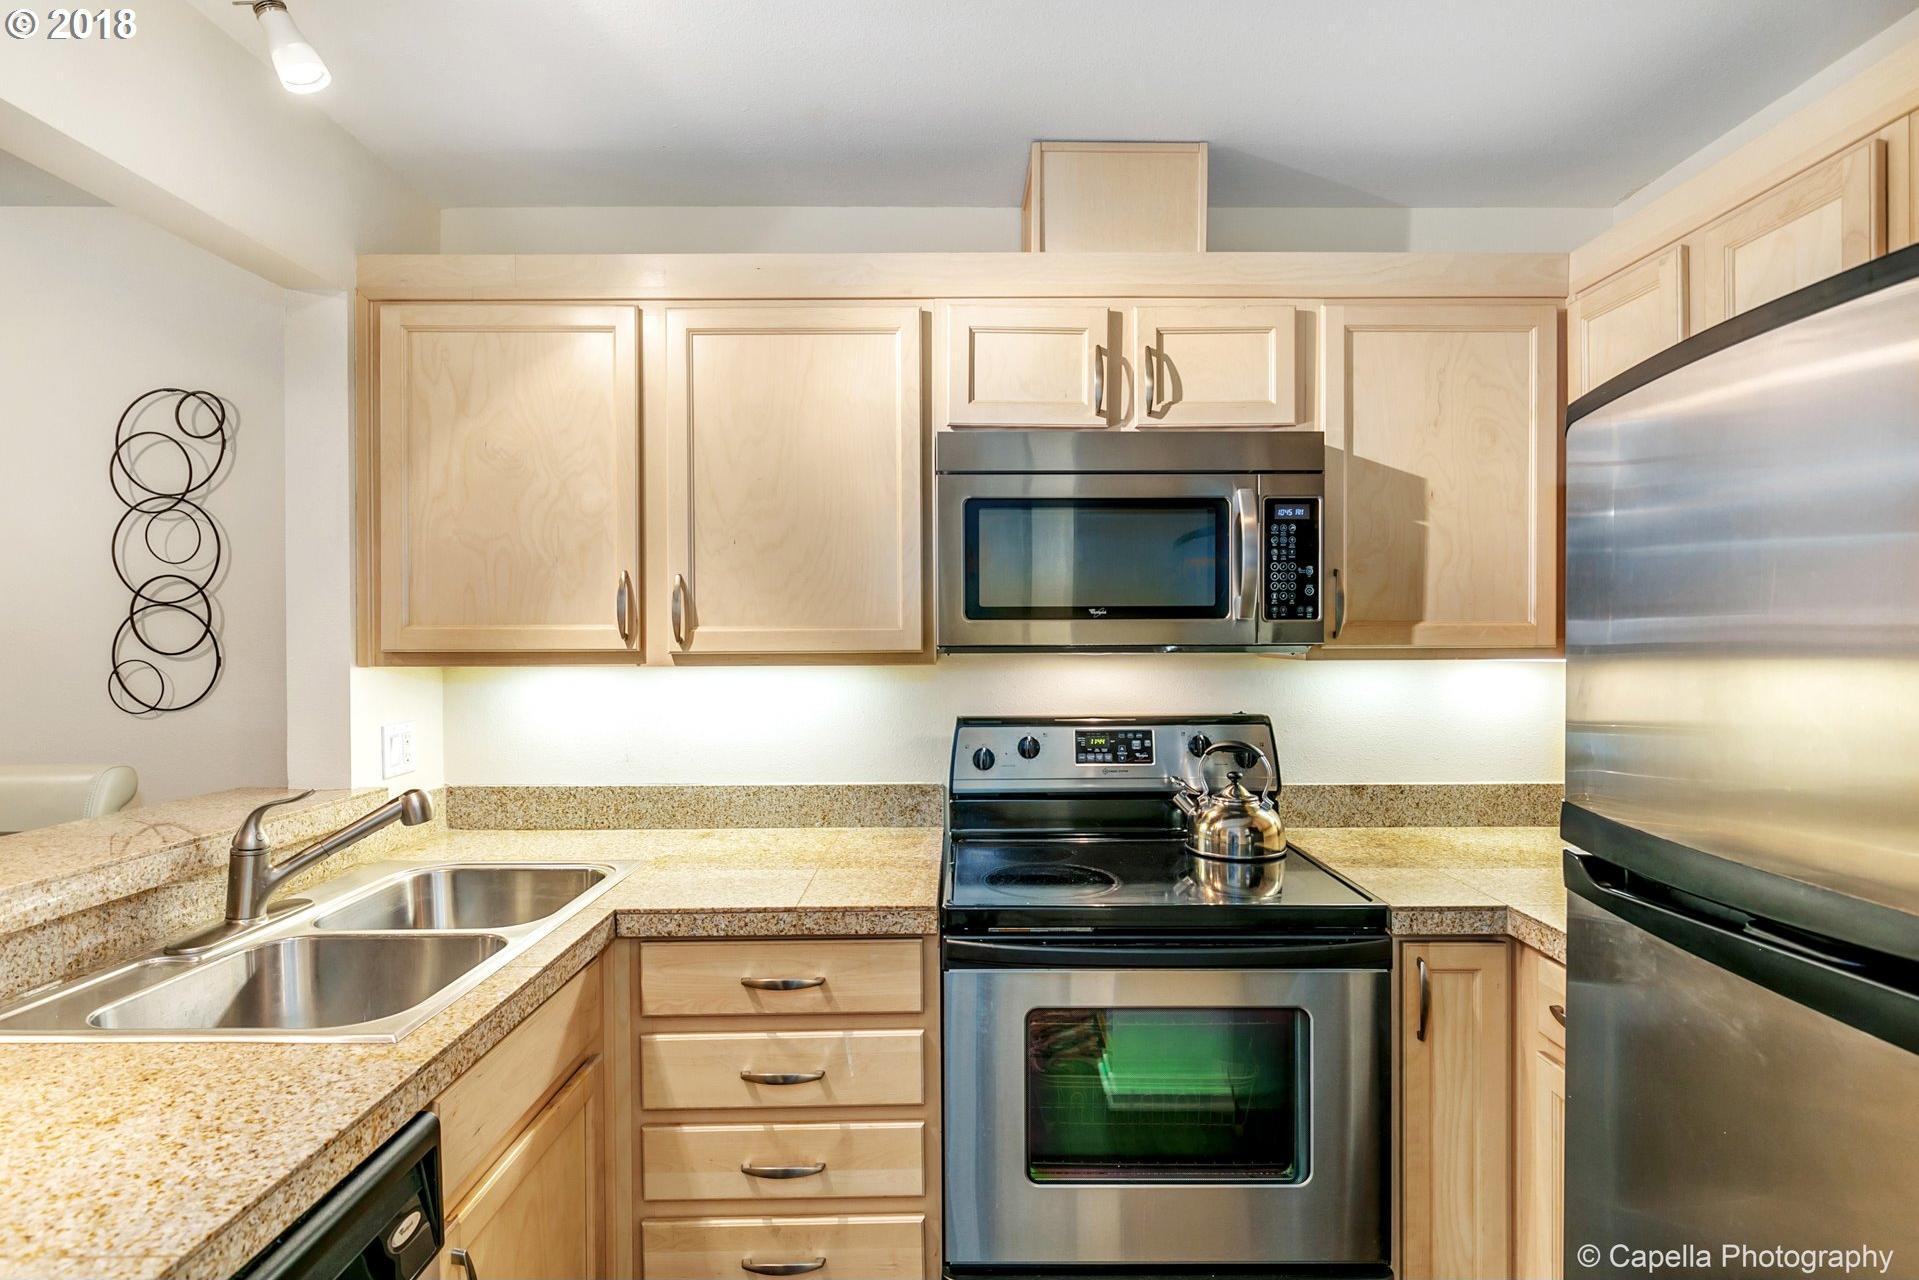 Mls#18319845 $285,000 Wwwportlandrealestateteam 1500 Sw Park Ave 110, Portland, Or